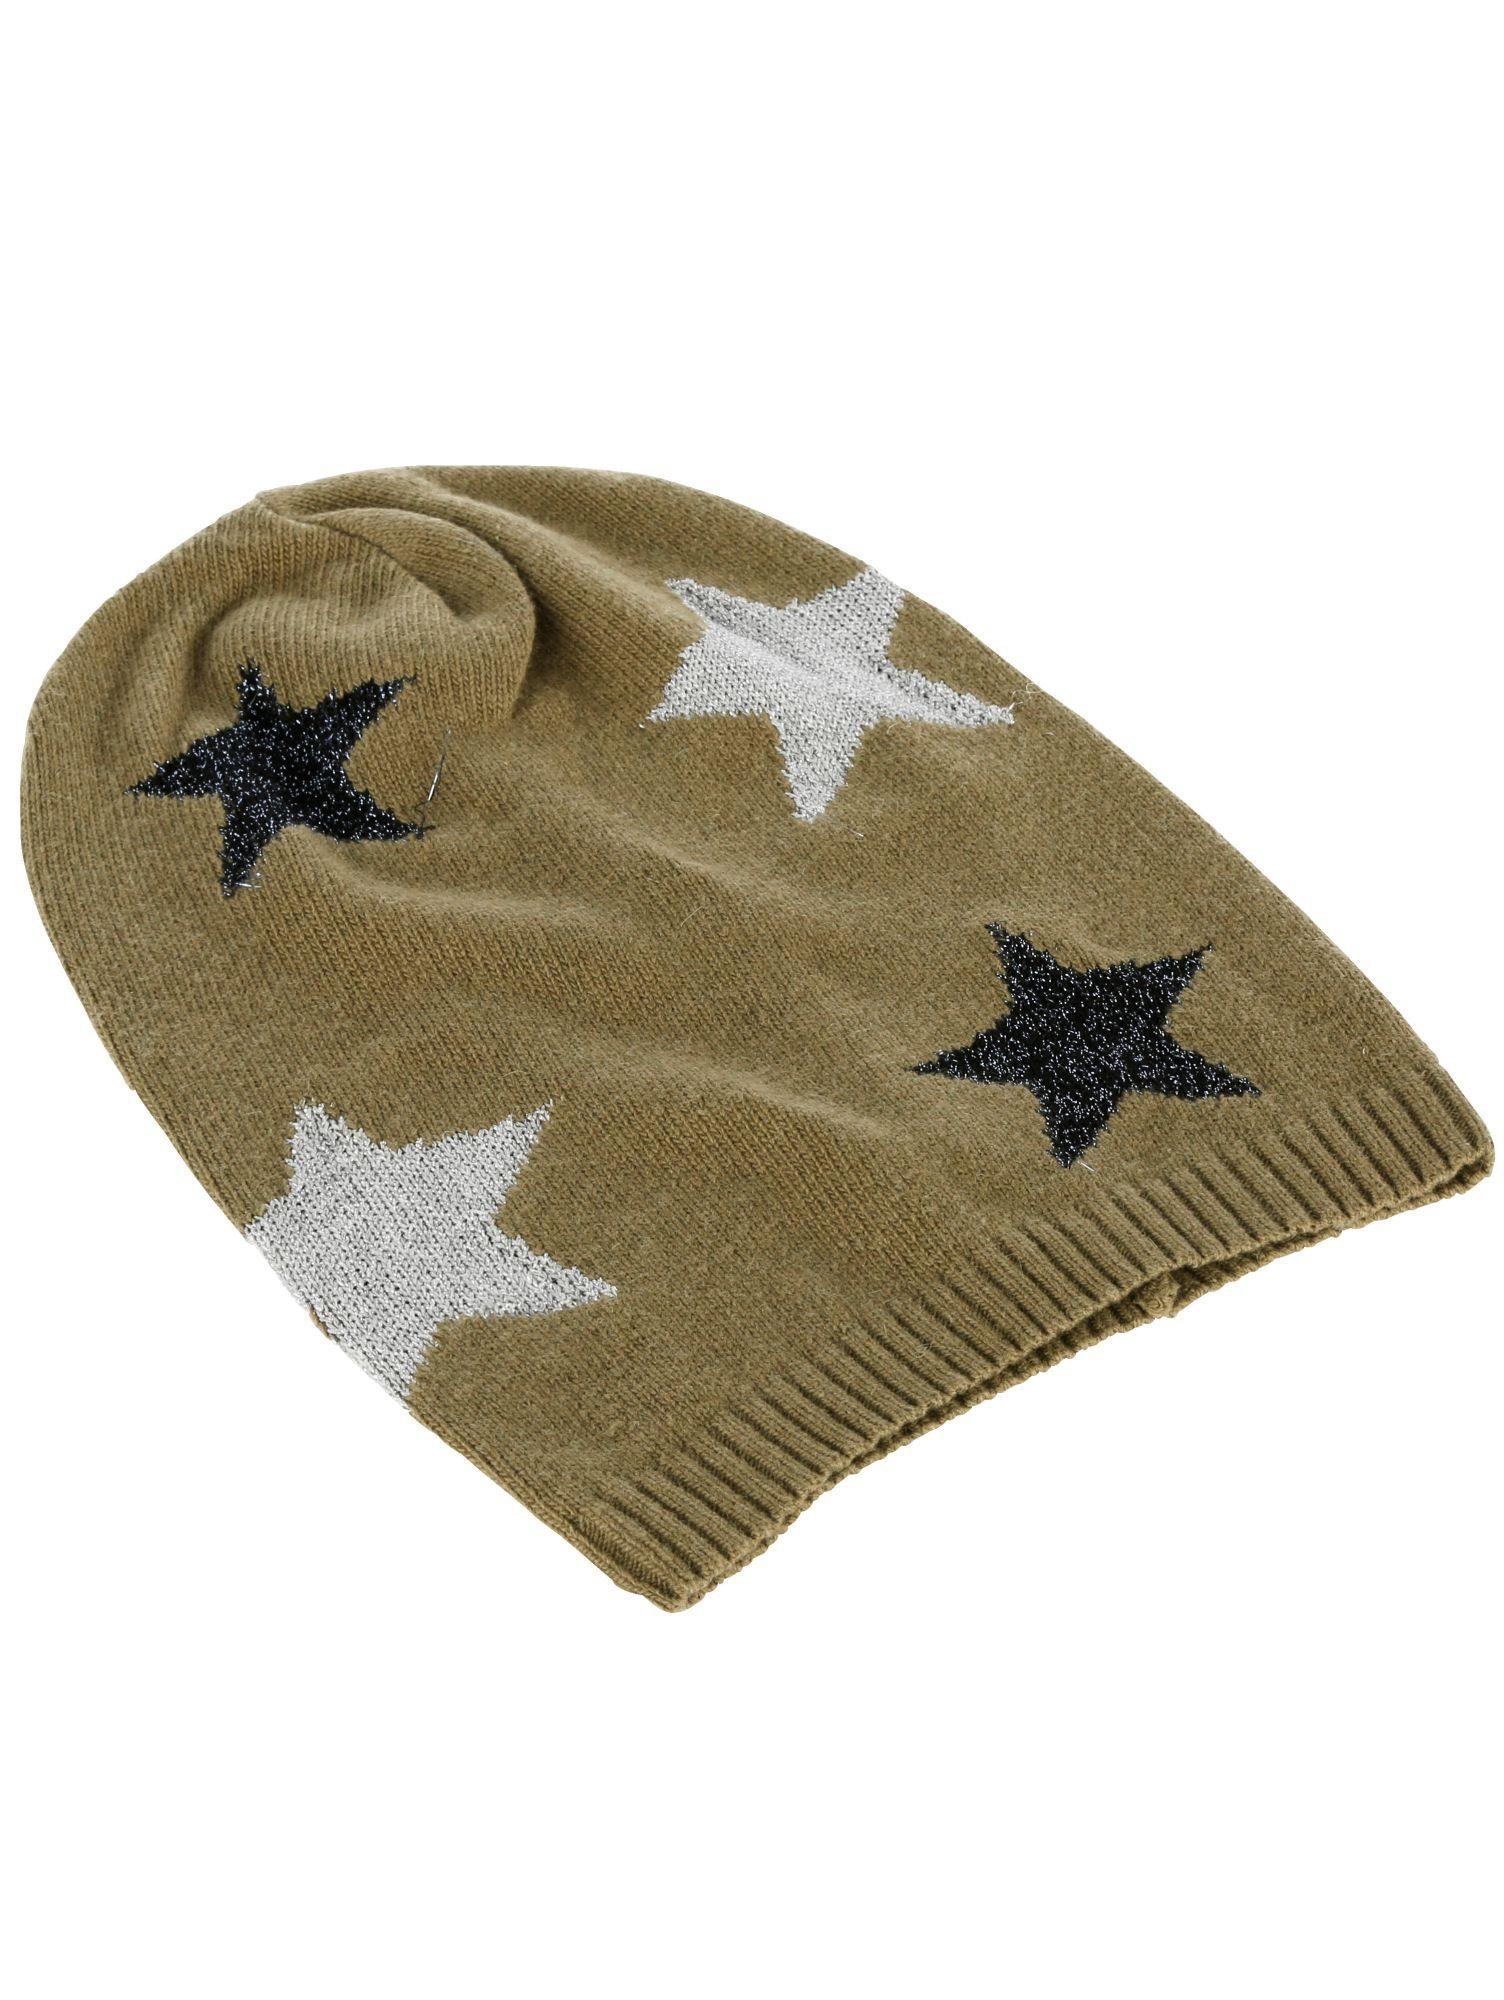 Alba Moda Strickmütze mit Lurex-Sternen   Accessoires > Mützen > Strickmützen   Alba Moda